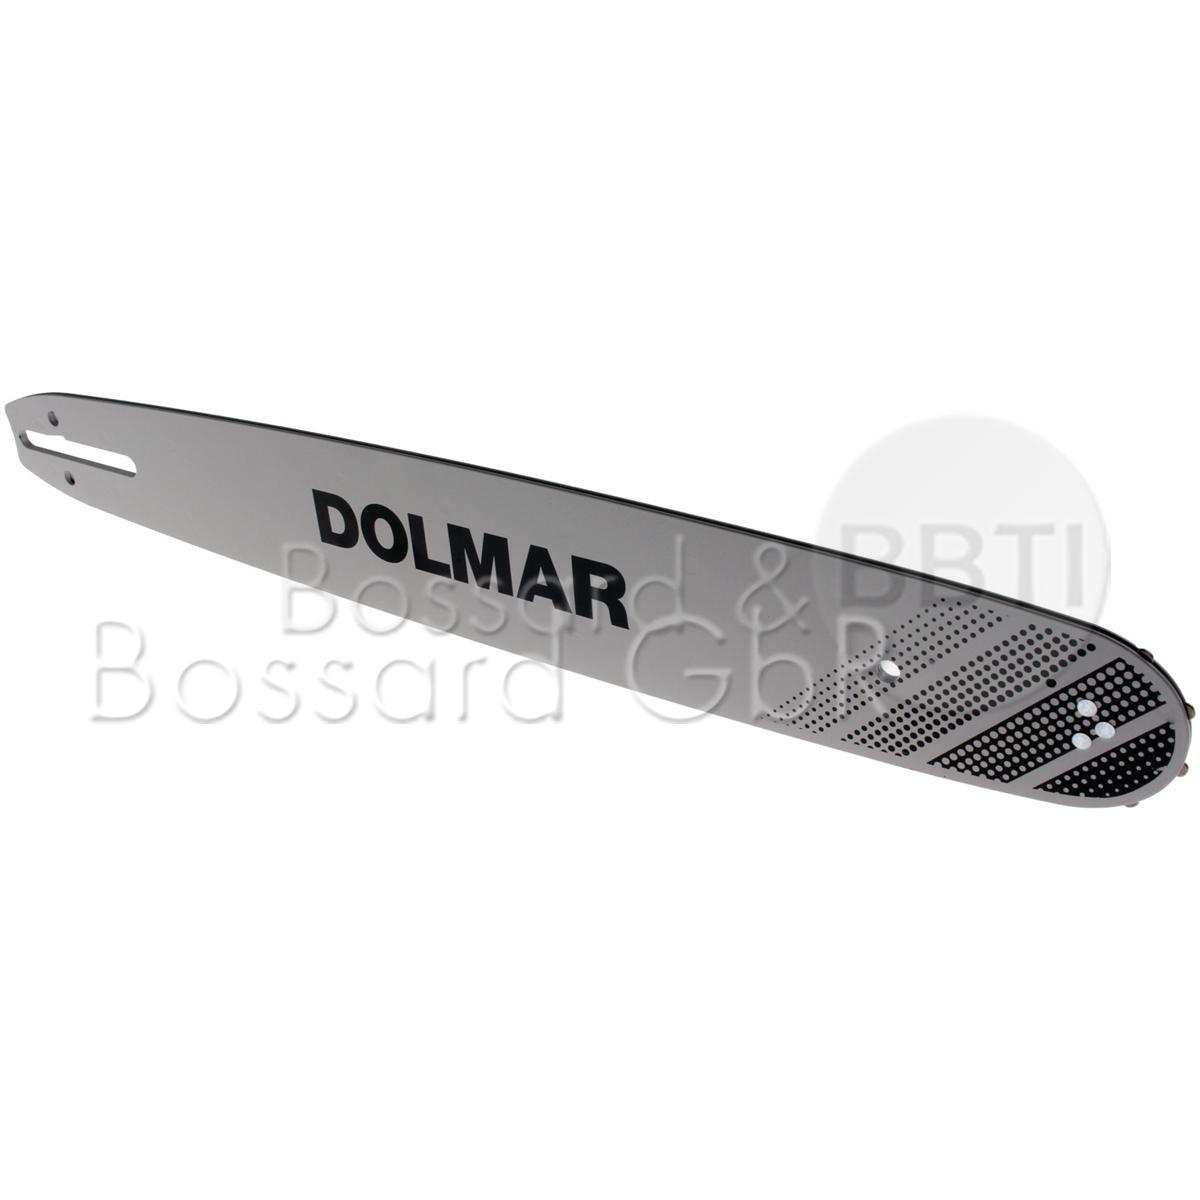 Schwert Sägekette Schneidgarnitur 40 cm 3//8 1.3 mm für Dolmar Alko Husqvarna AEG